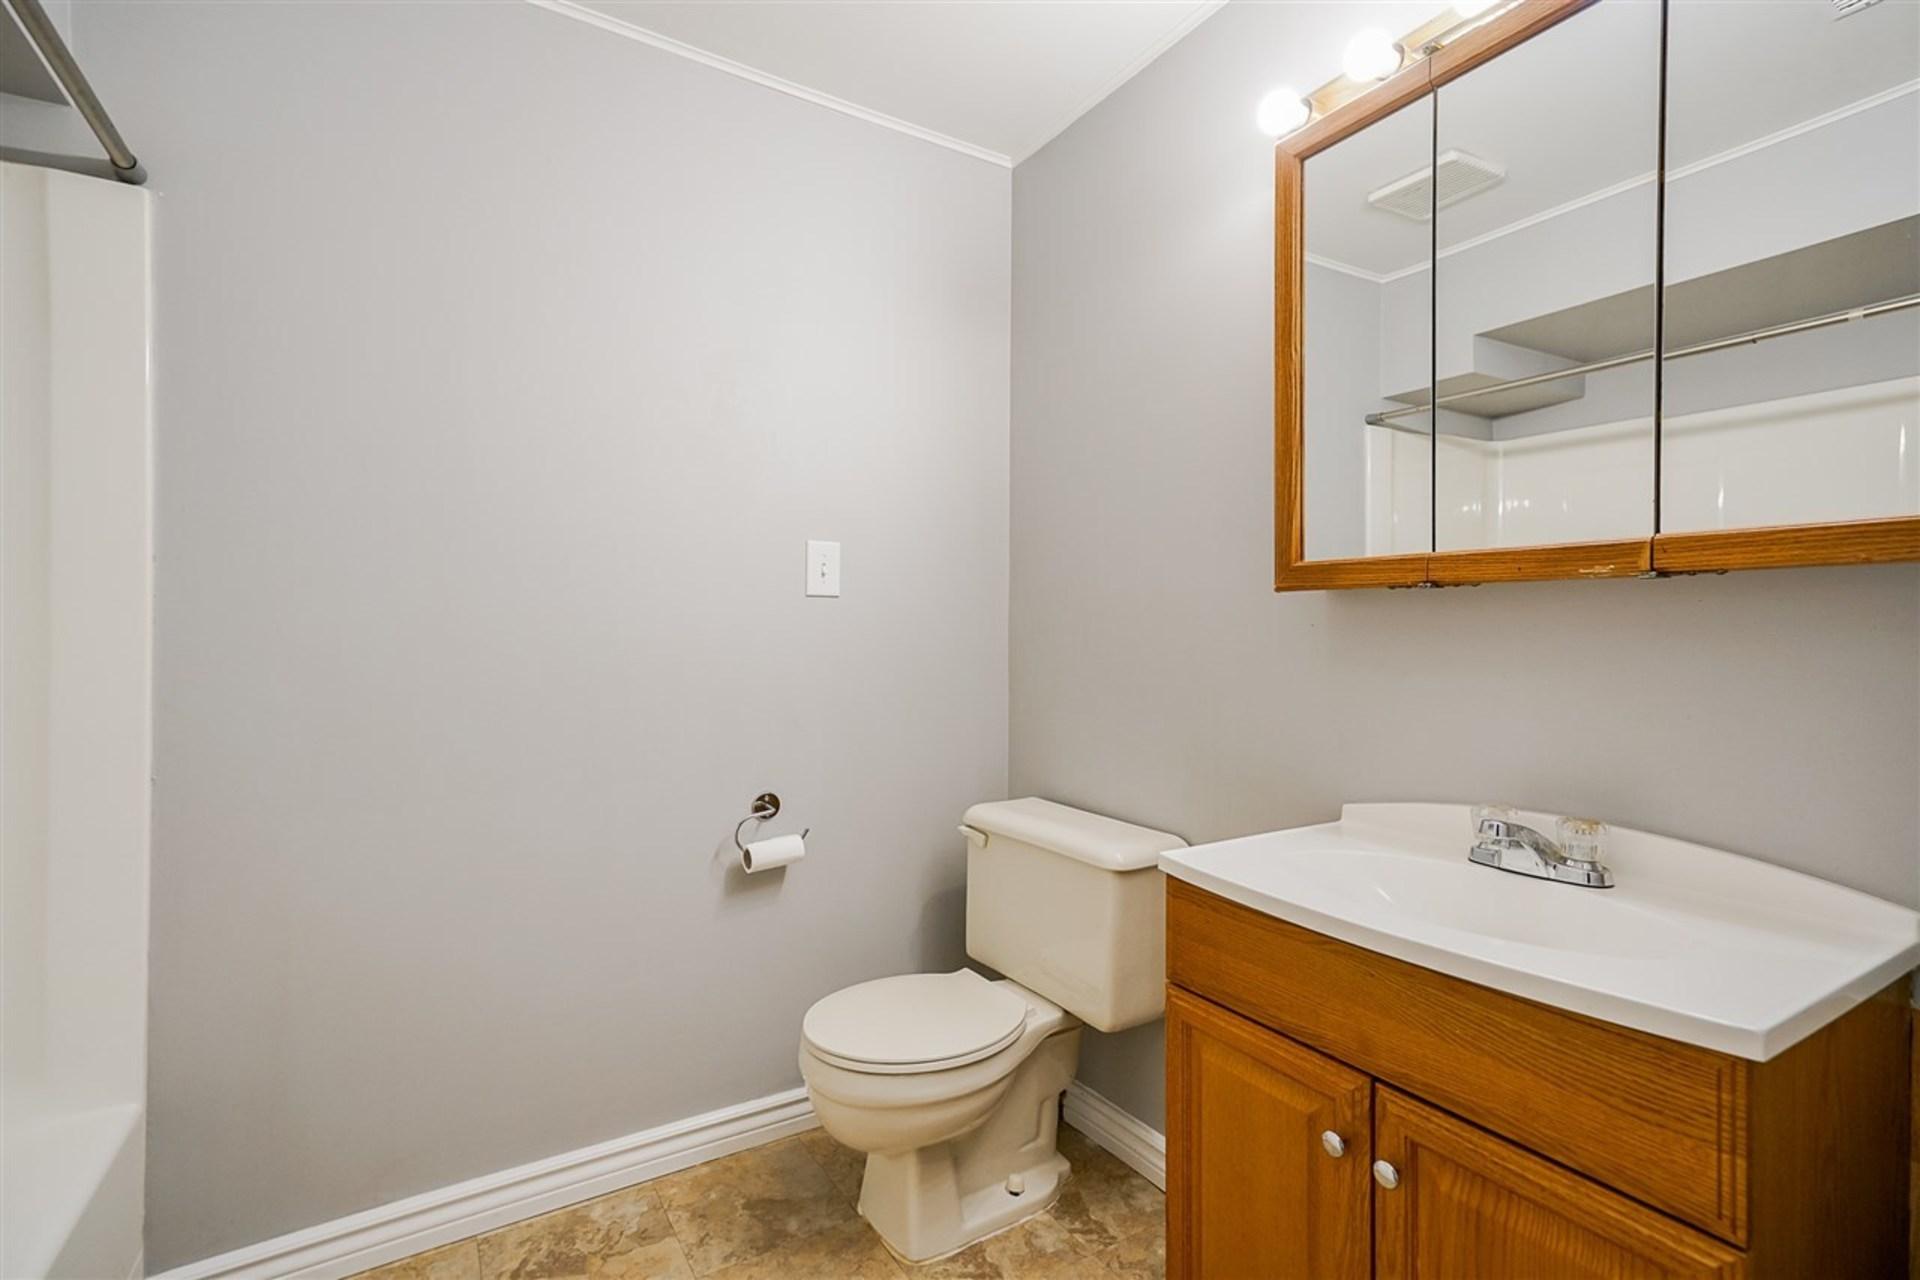 22110-122-avenue-west-central-maple-ridge-26 of 22110 122 Avenue, West Central, Maple Ridge